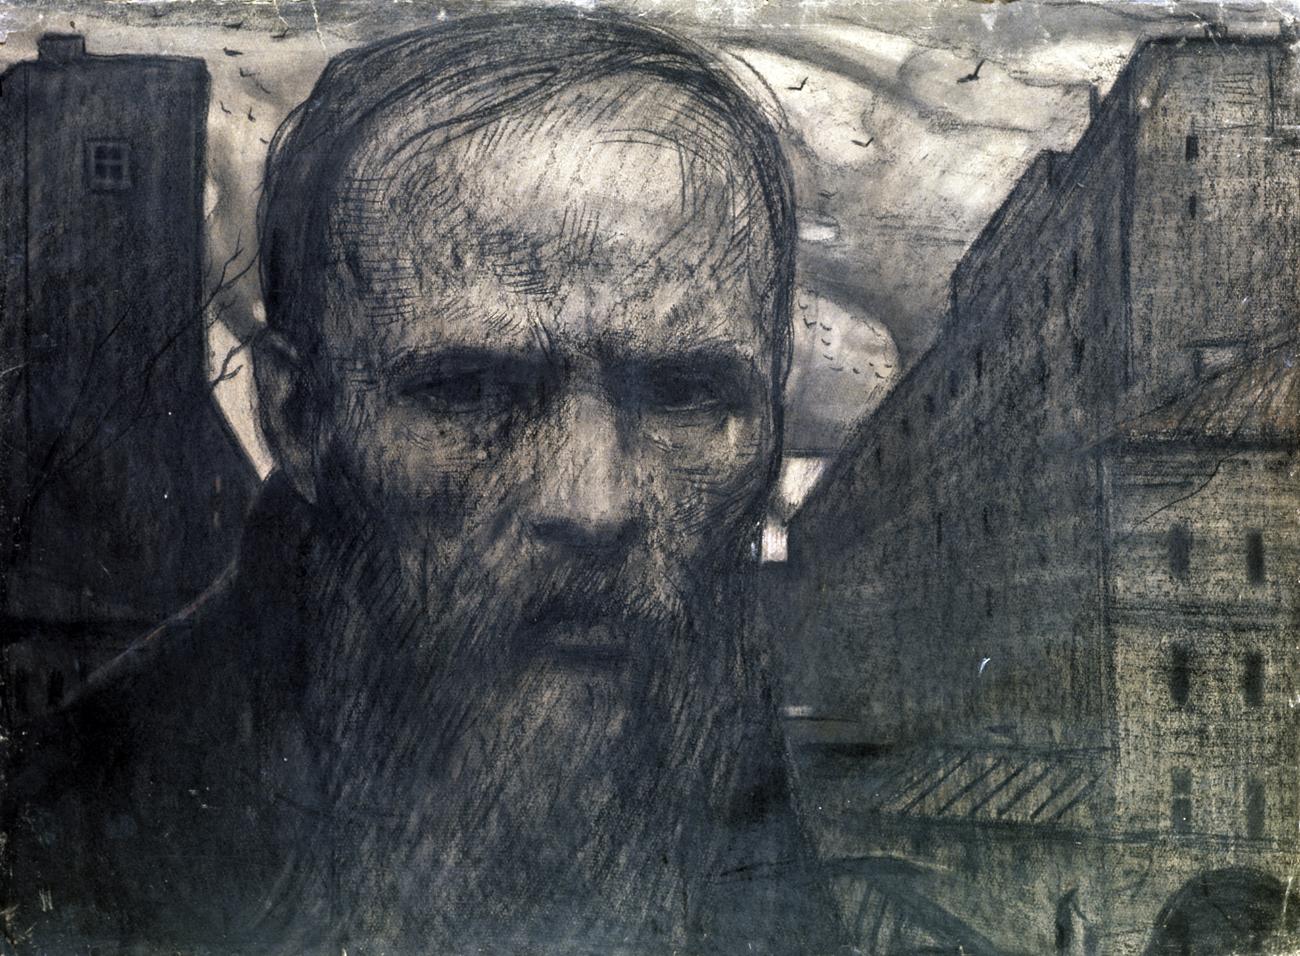 Ilya Glazunov's Dostoyevsky. 1962